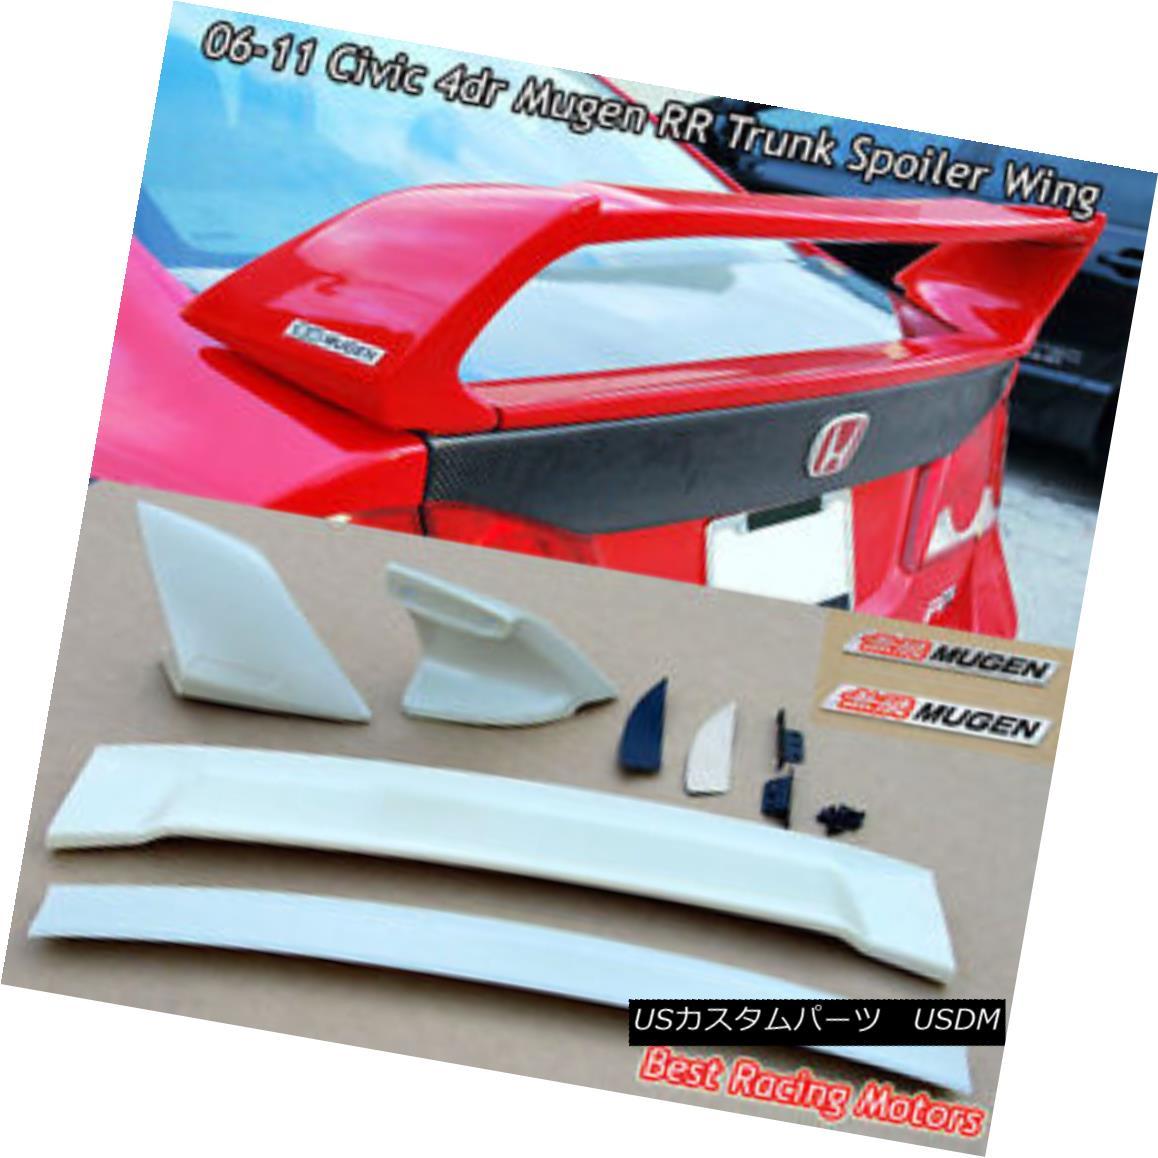 エアロパーツ Mu-gen RR Style Trunk Spoiler Wing (ABS) + Emblem Fit 06-11 Honda Civic 4dr Mu-gen RRスタイルトランクスポイラーウィング(ABS)+エンブレムフィット06-11 Honda Civic 4dr